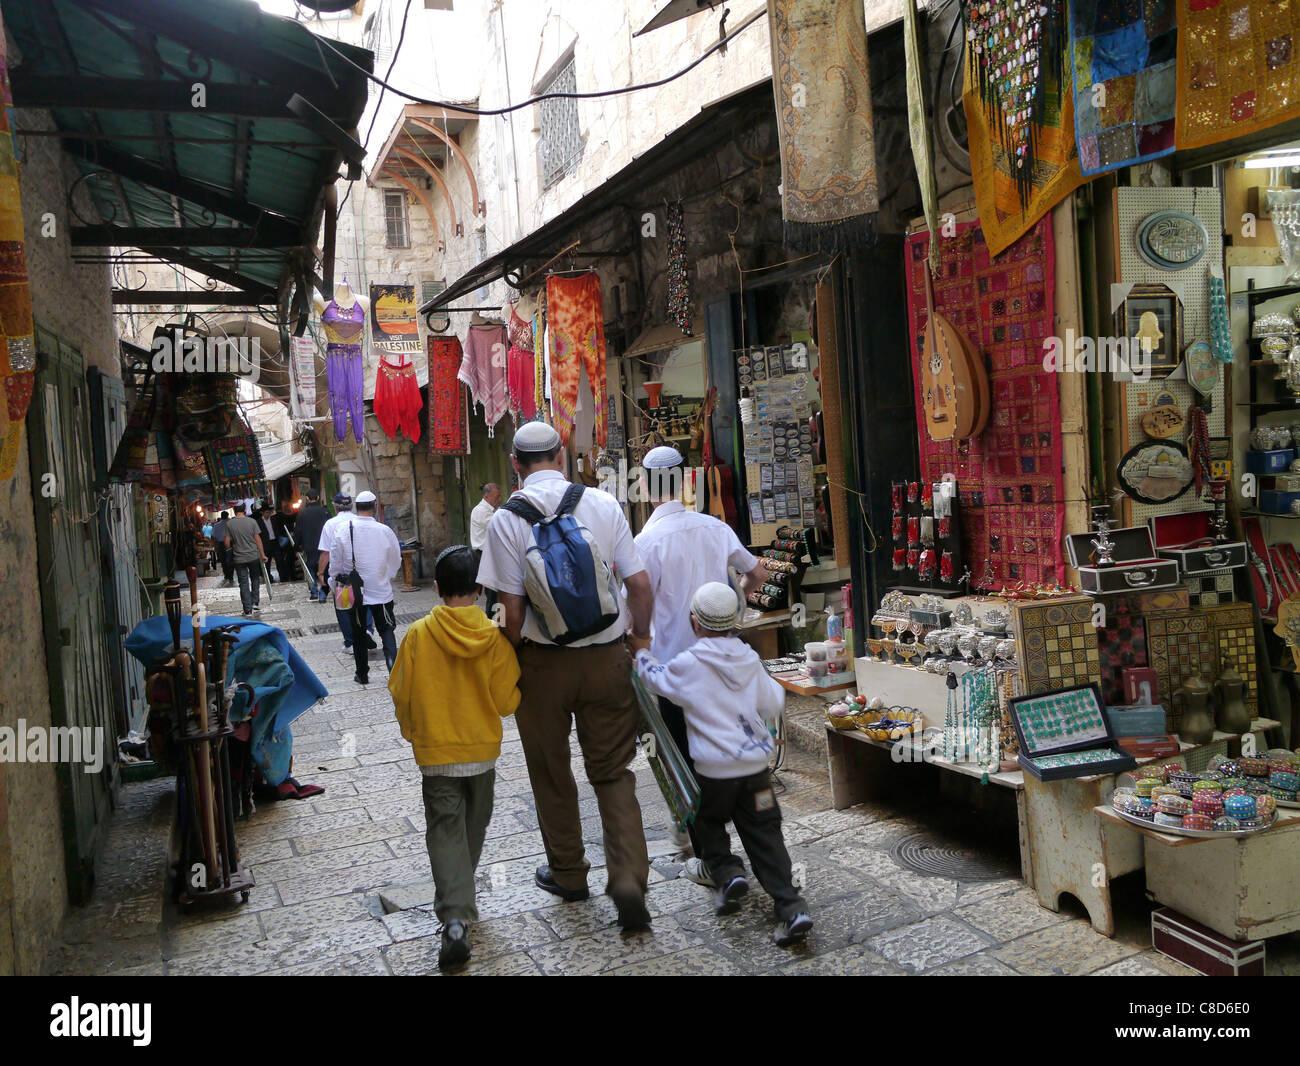 Jerusalem, Jewish family walking through Arab market in Old City - Stock Image